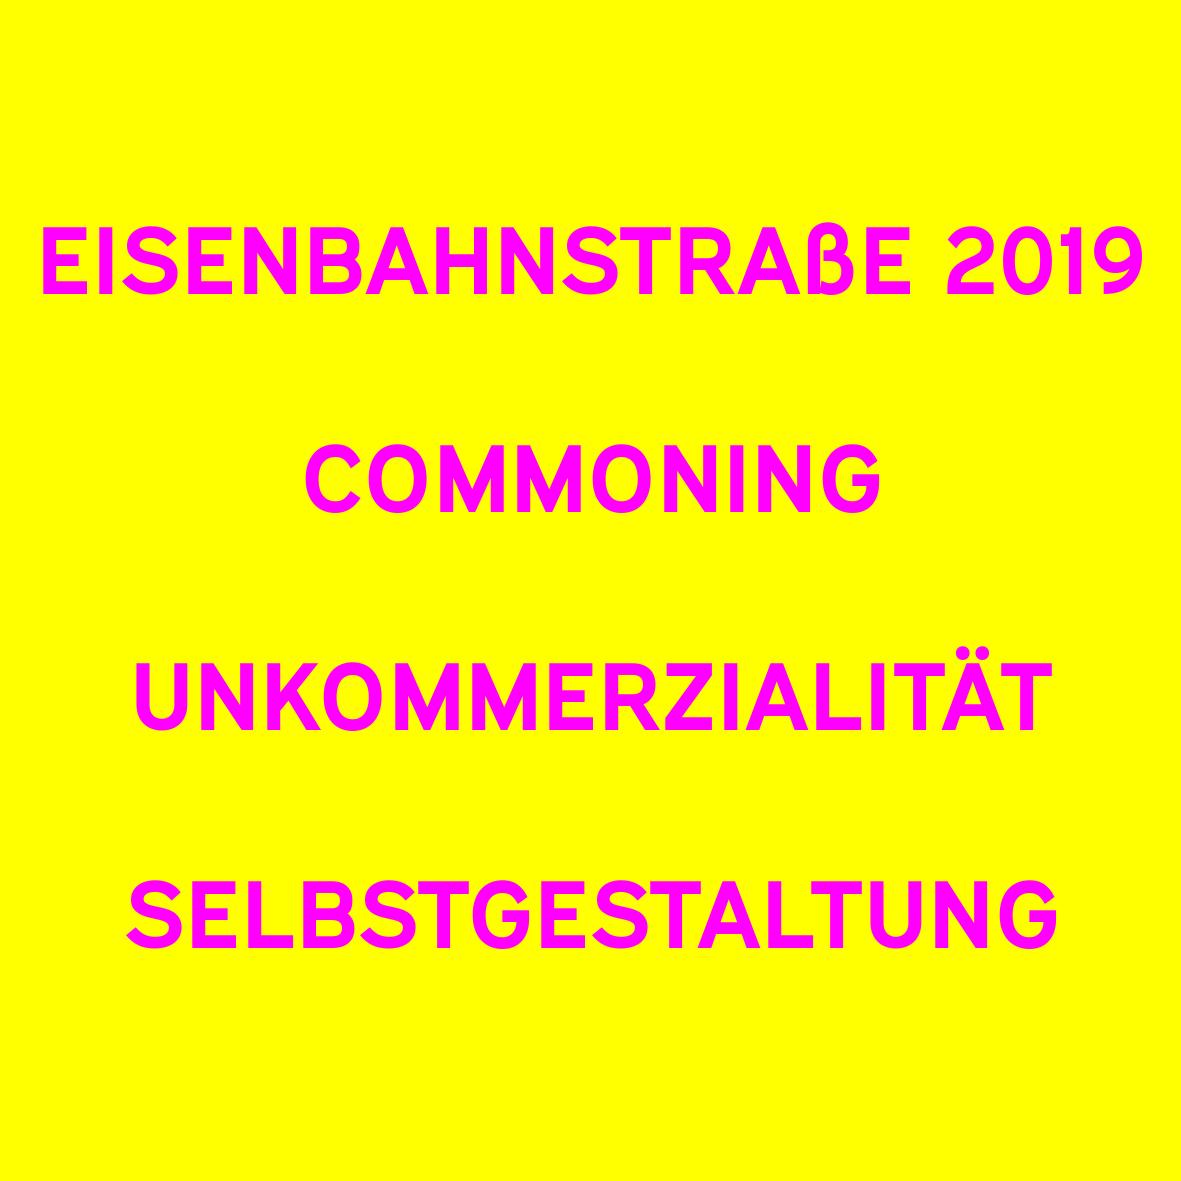 Eisenbahnstraße 2019